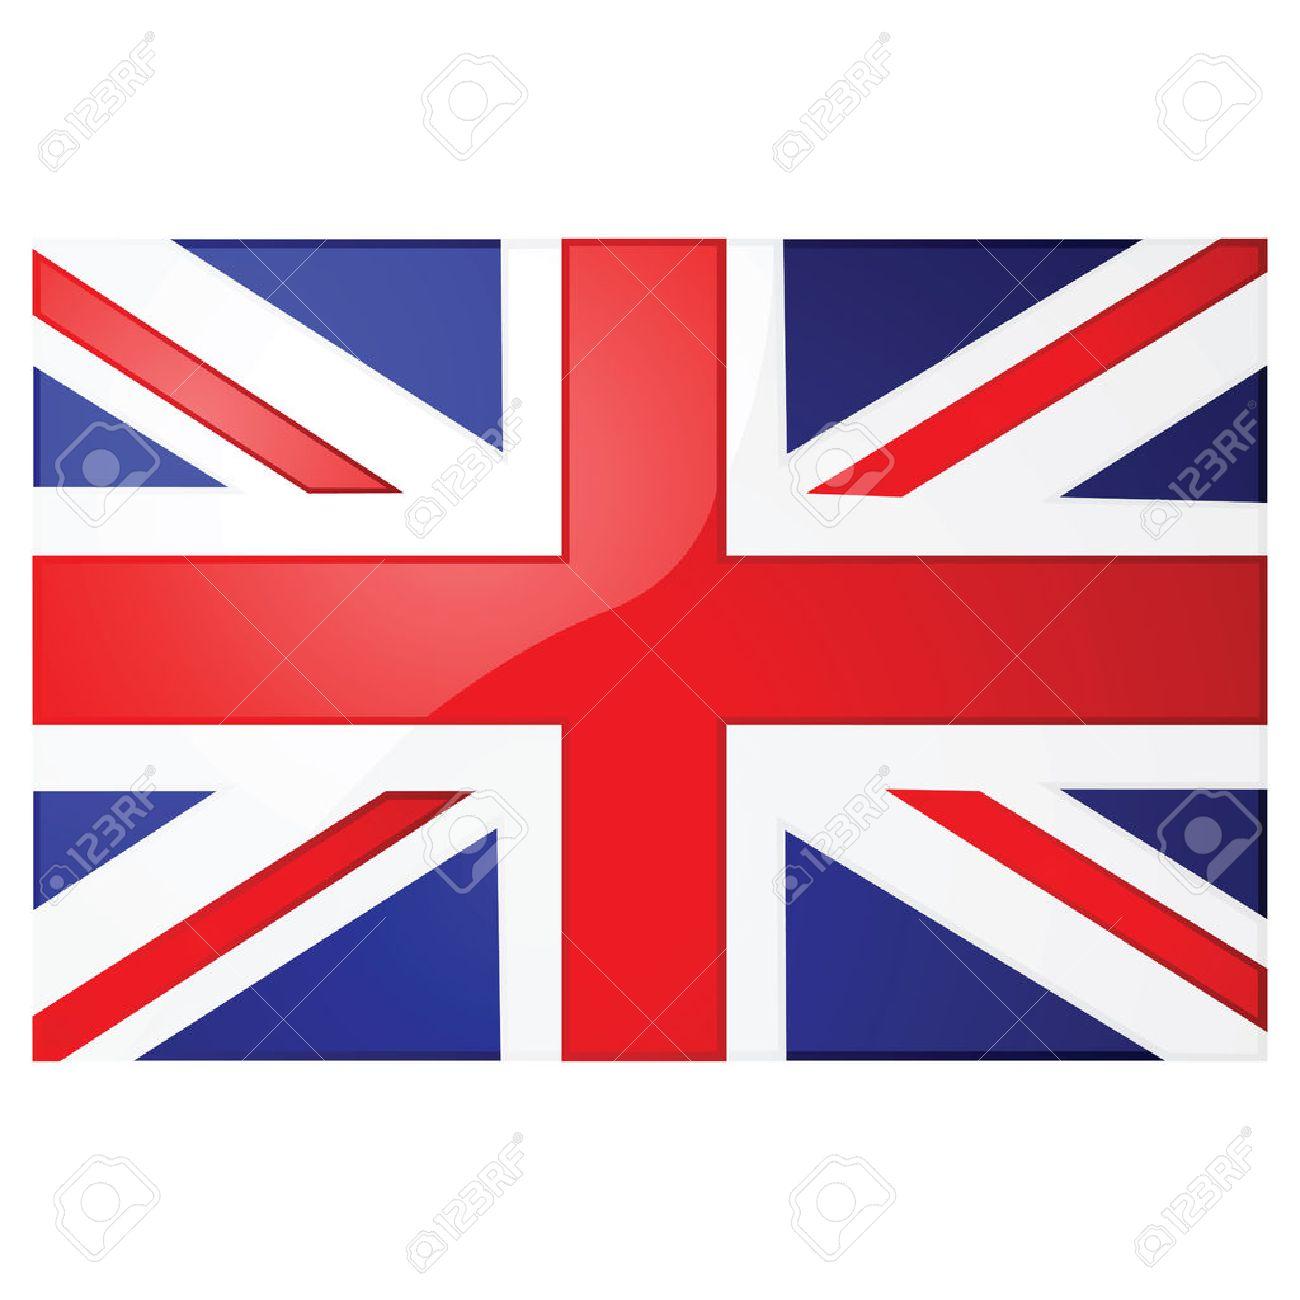 Magnífico Plantilla De Bandera Union Jack Friso - Ejemplo De ...